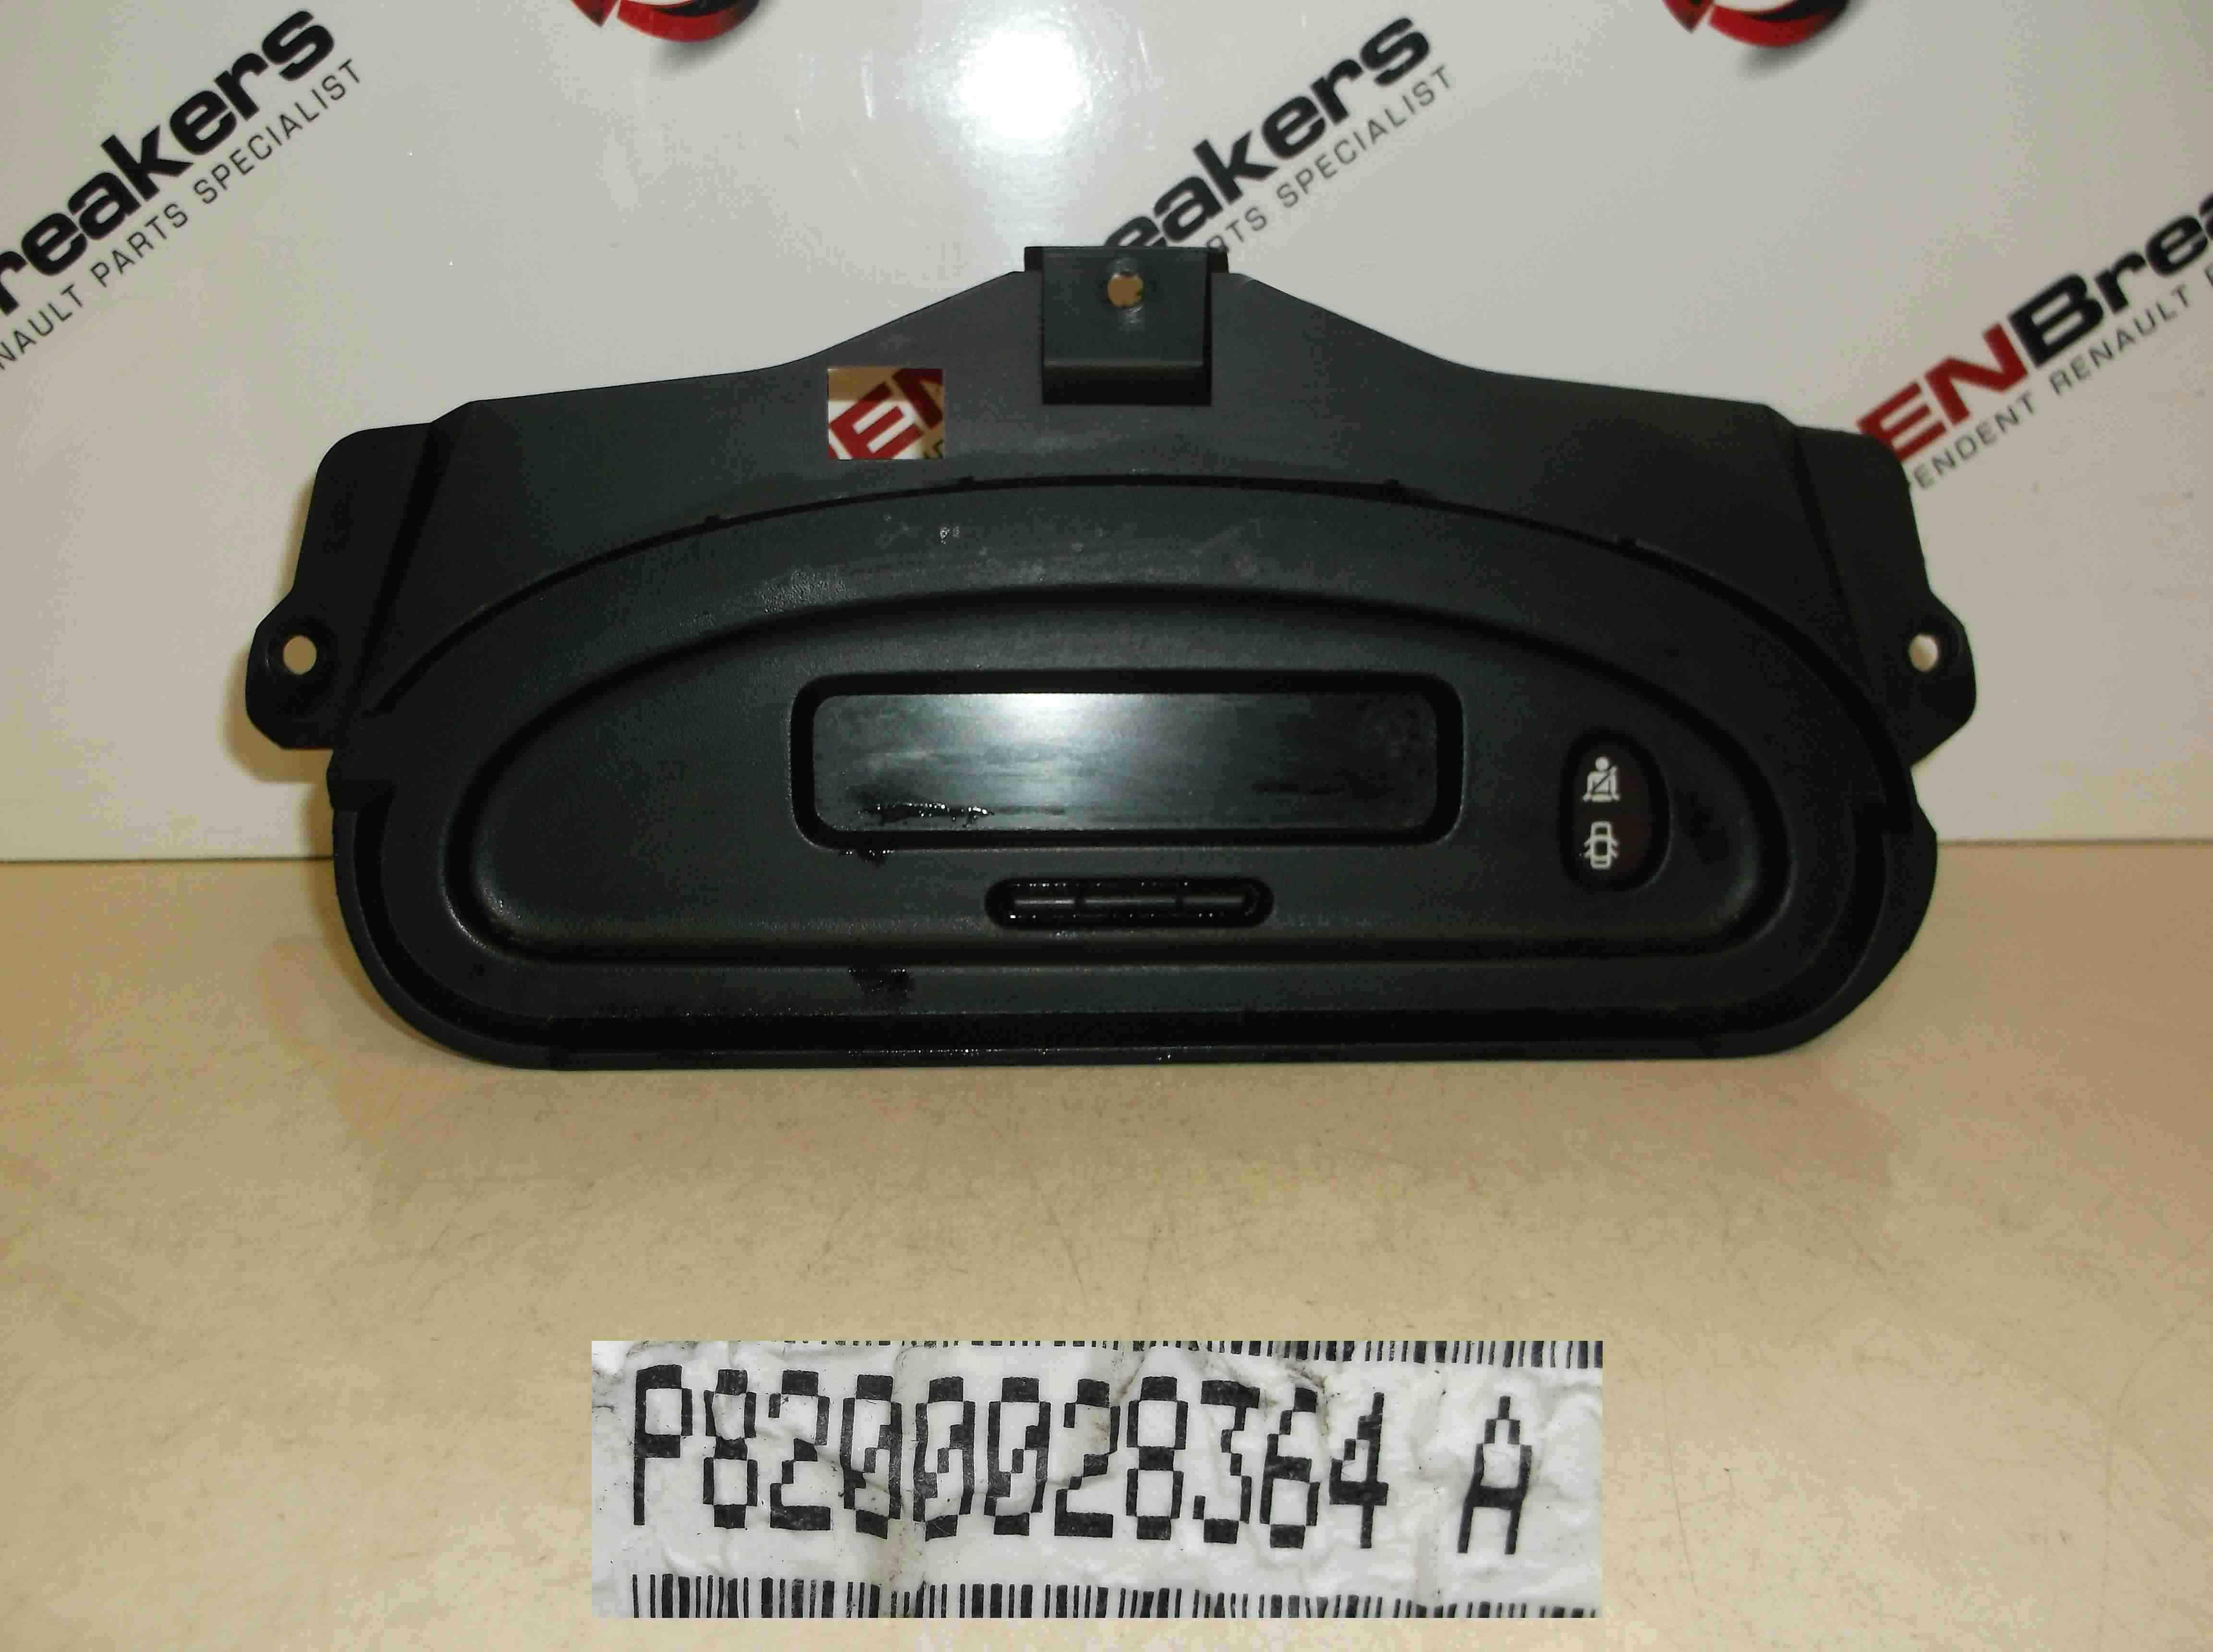 Renault Megane 1999-2001 CD Player Display Clocks Dials 8200028364